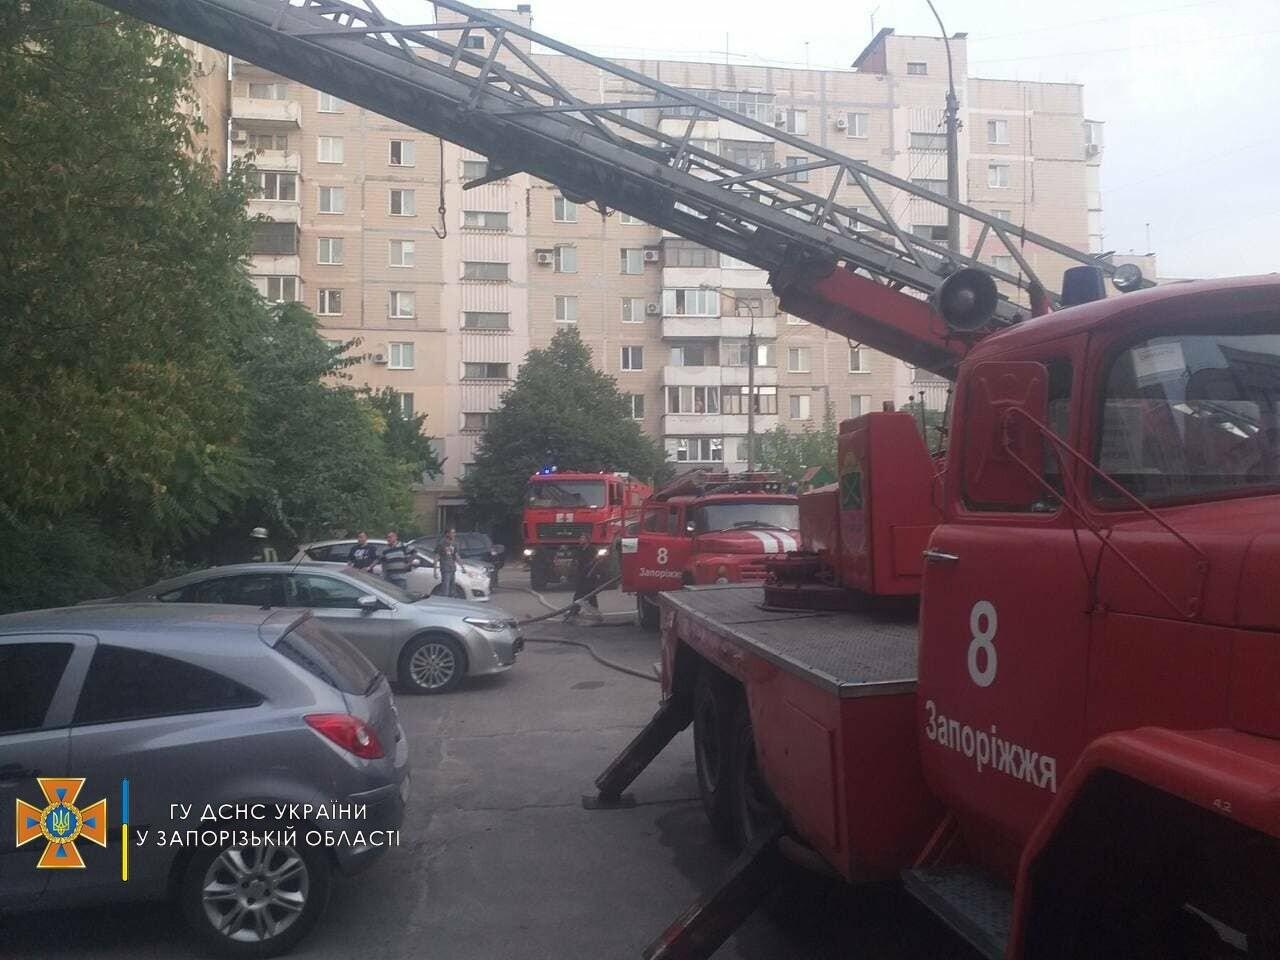 photo2021 09 1210 15 27result 613dd23983792 - В Запорожье 18 спасателей тушили пожар в девятиэтажке, - ФОТО